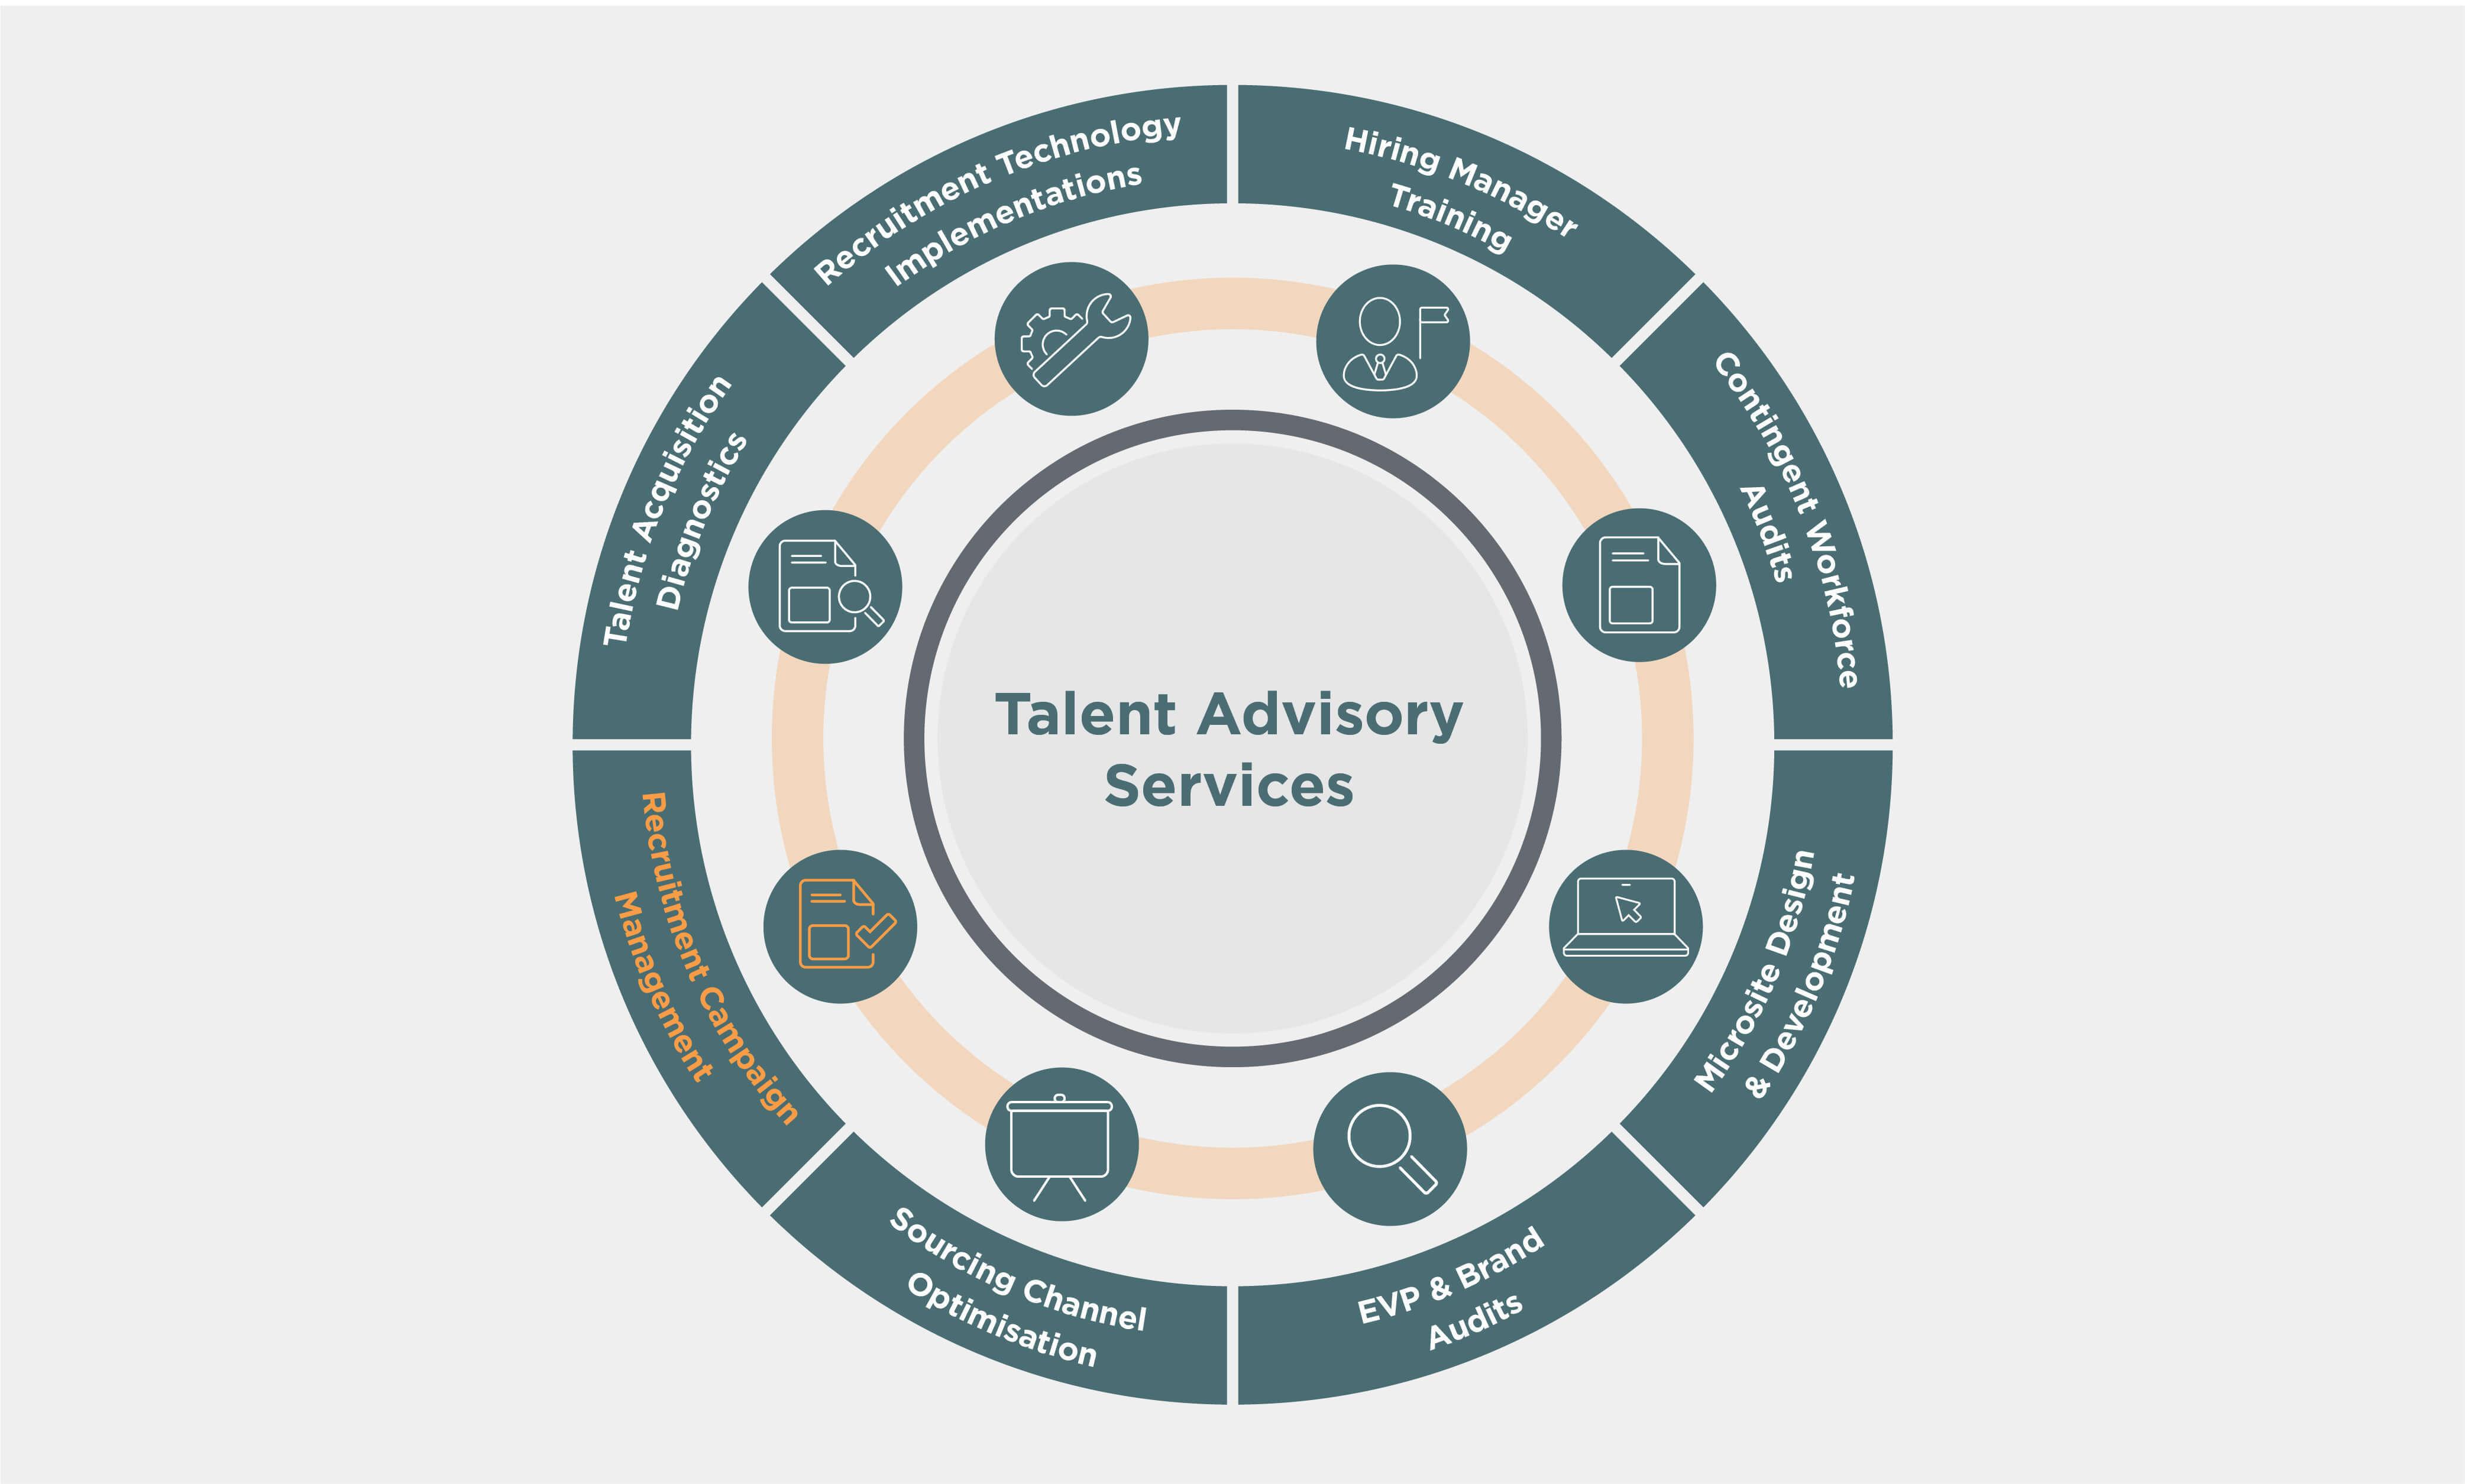 Recruitment campaign management